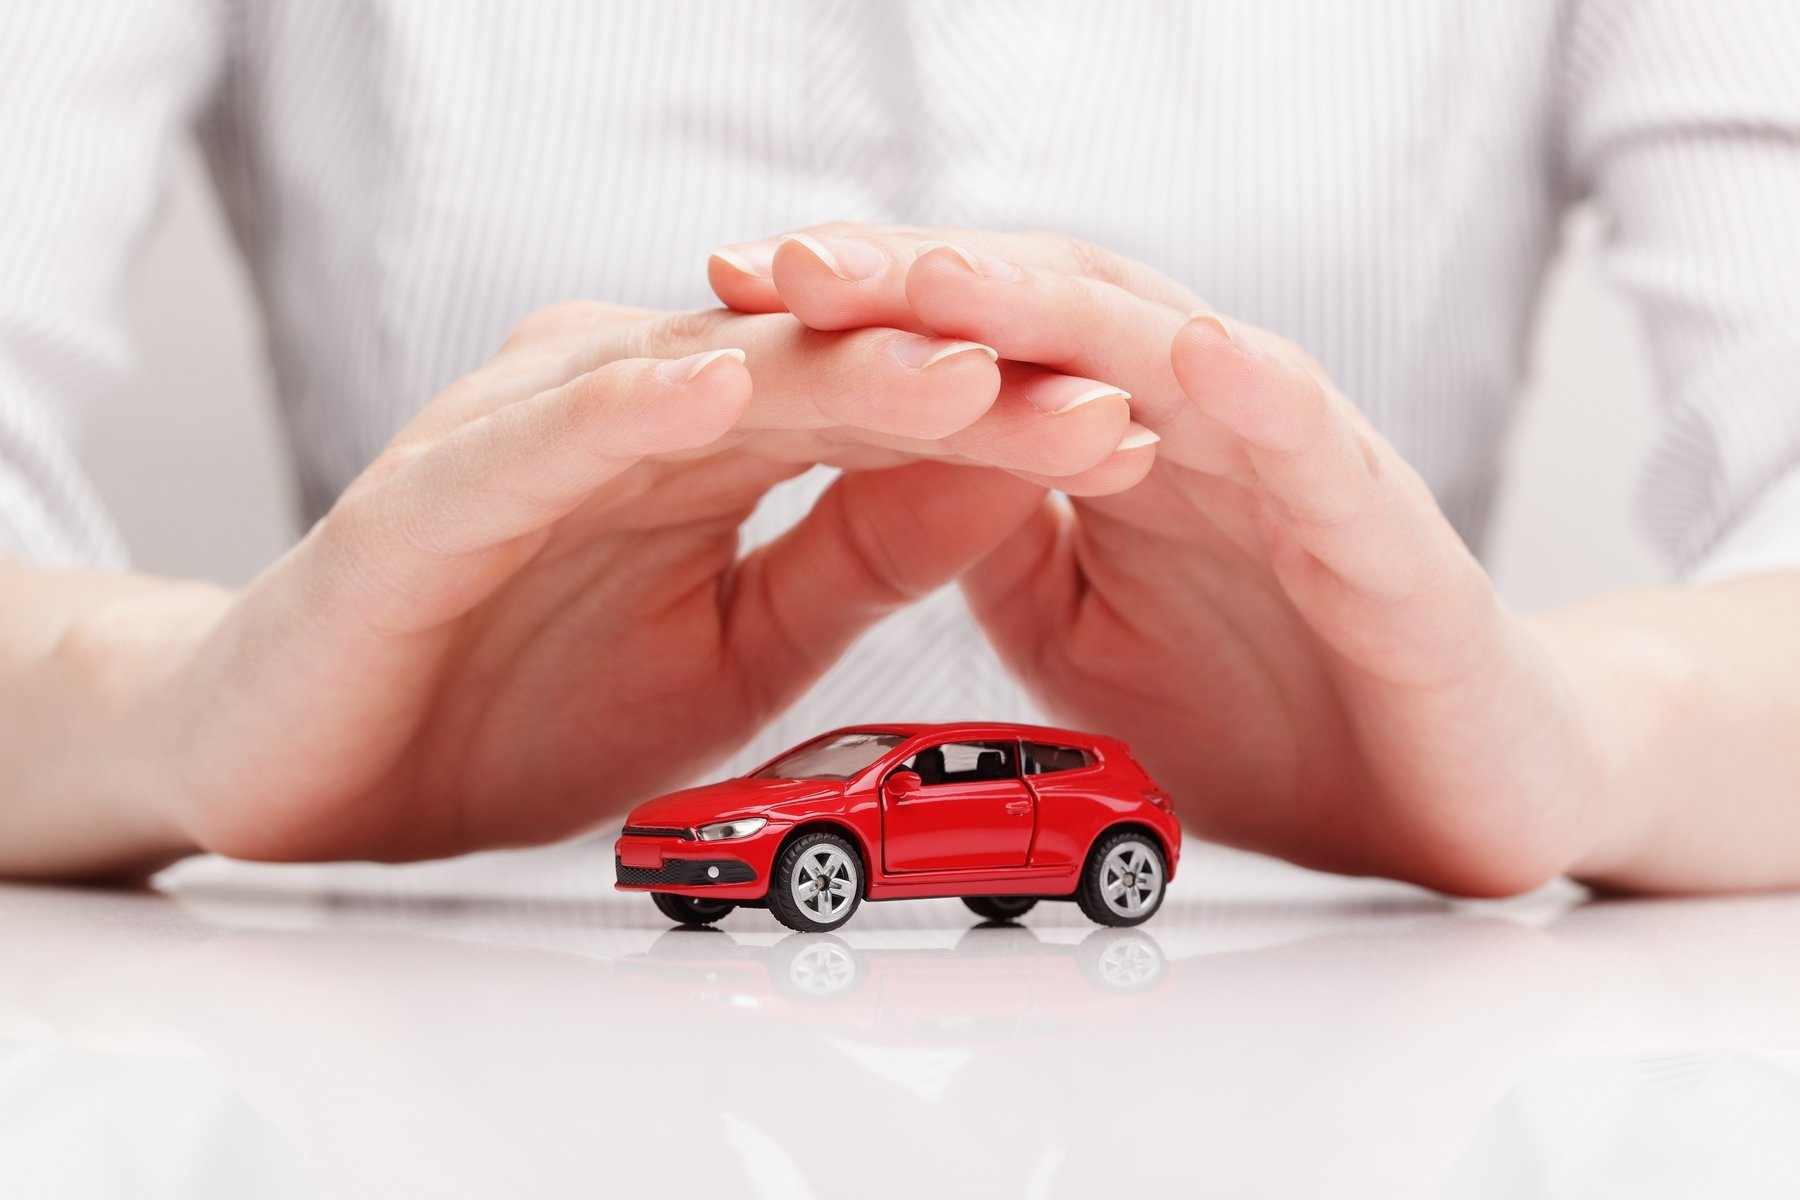 С 1 января автовладельцам не нужно предъявлять сотрудникам полиции страховой полис